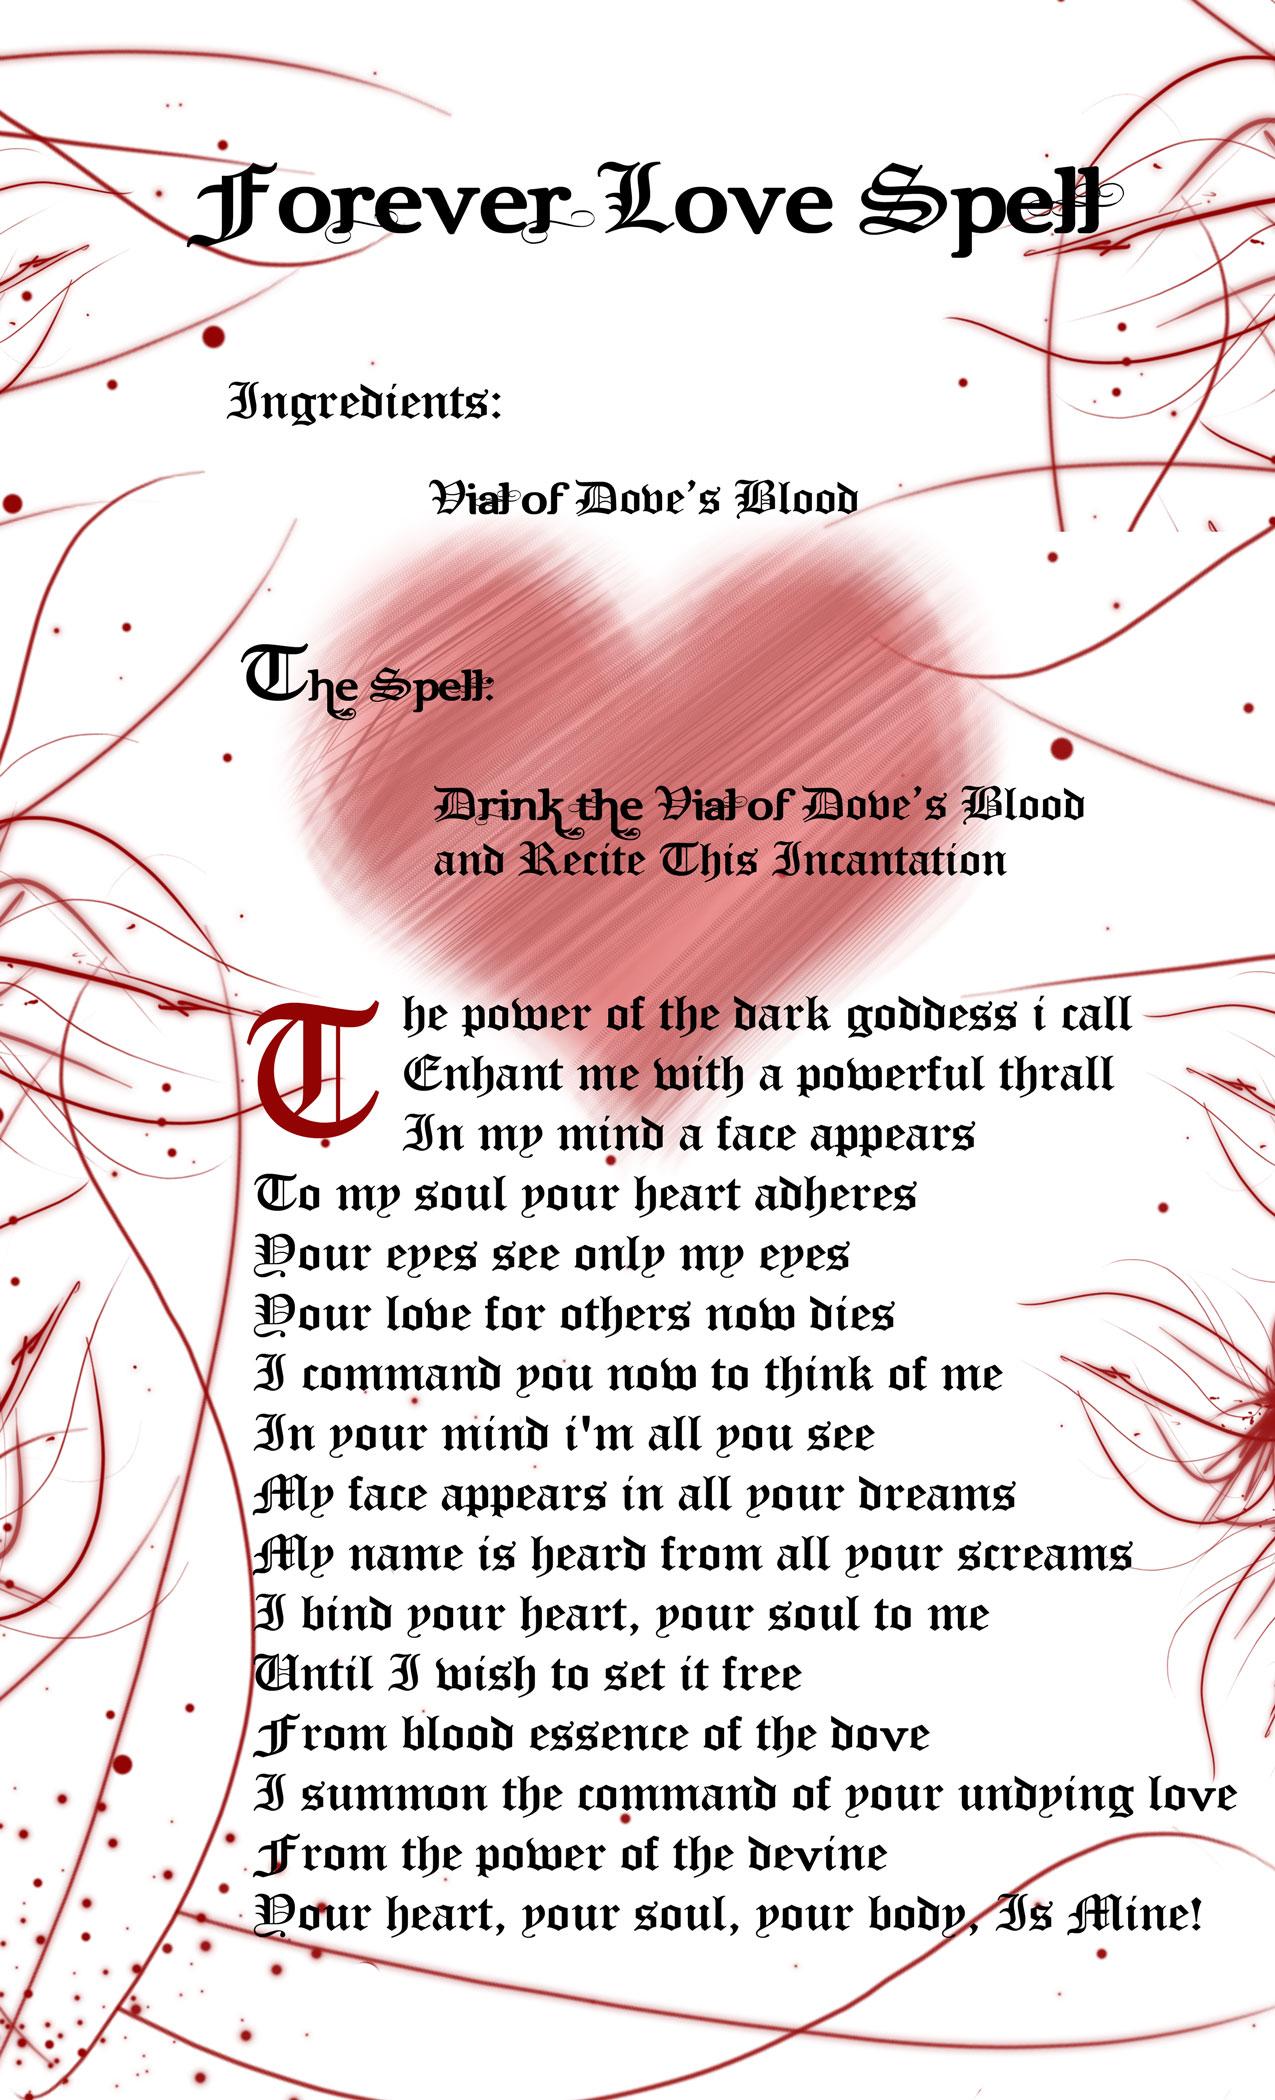 forever-love-spell-2_8-5x14